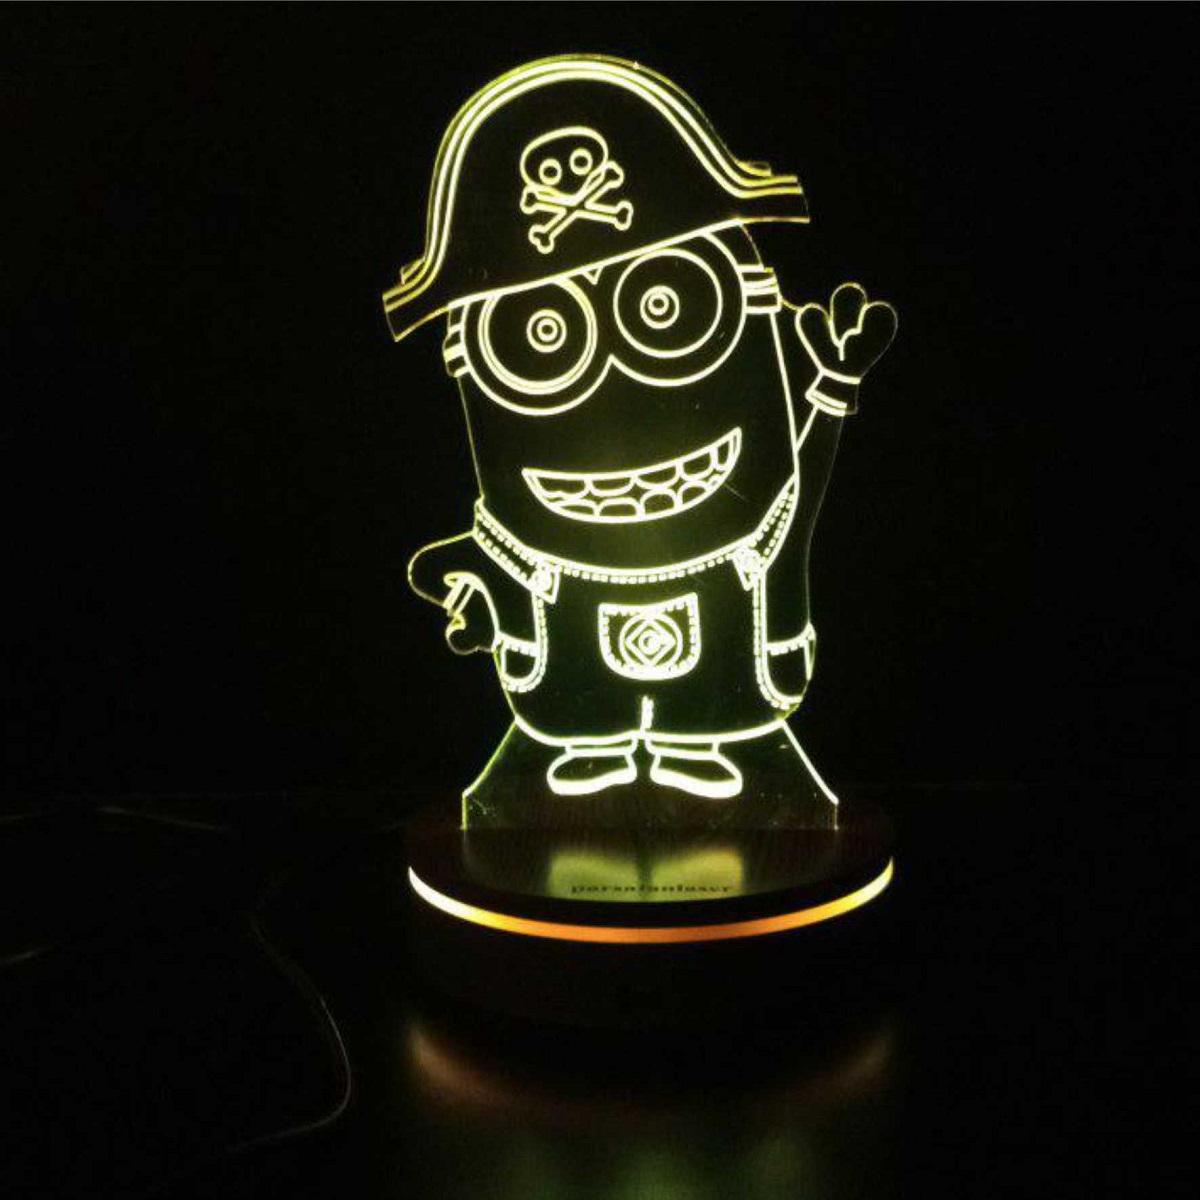 چراغ خواب کودک پارسافن لیزر طرح کارتونی مینیون دزد دریایی